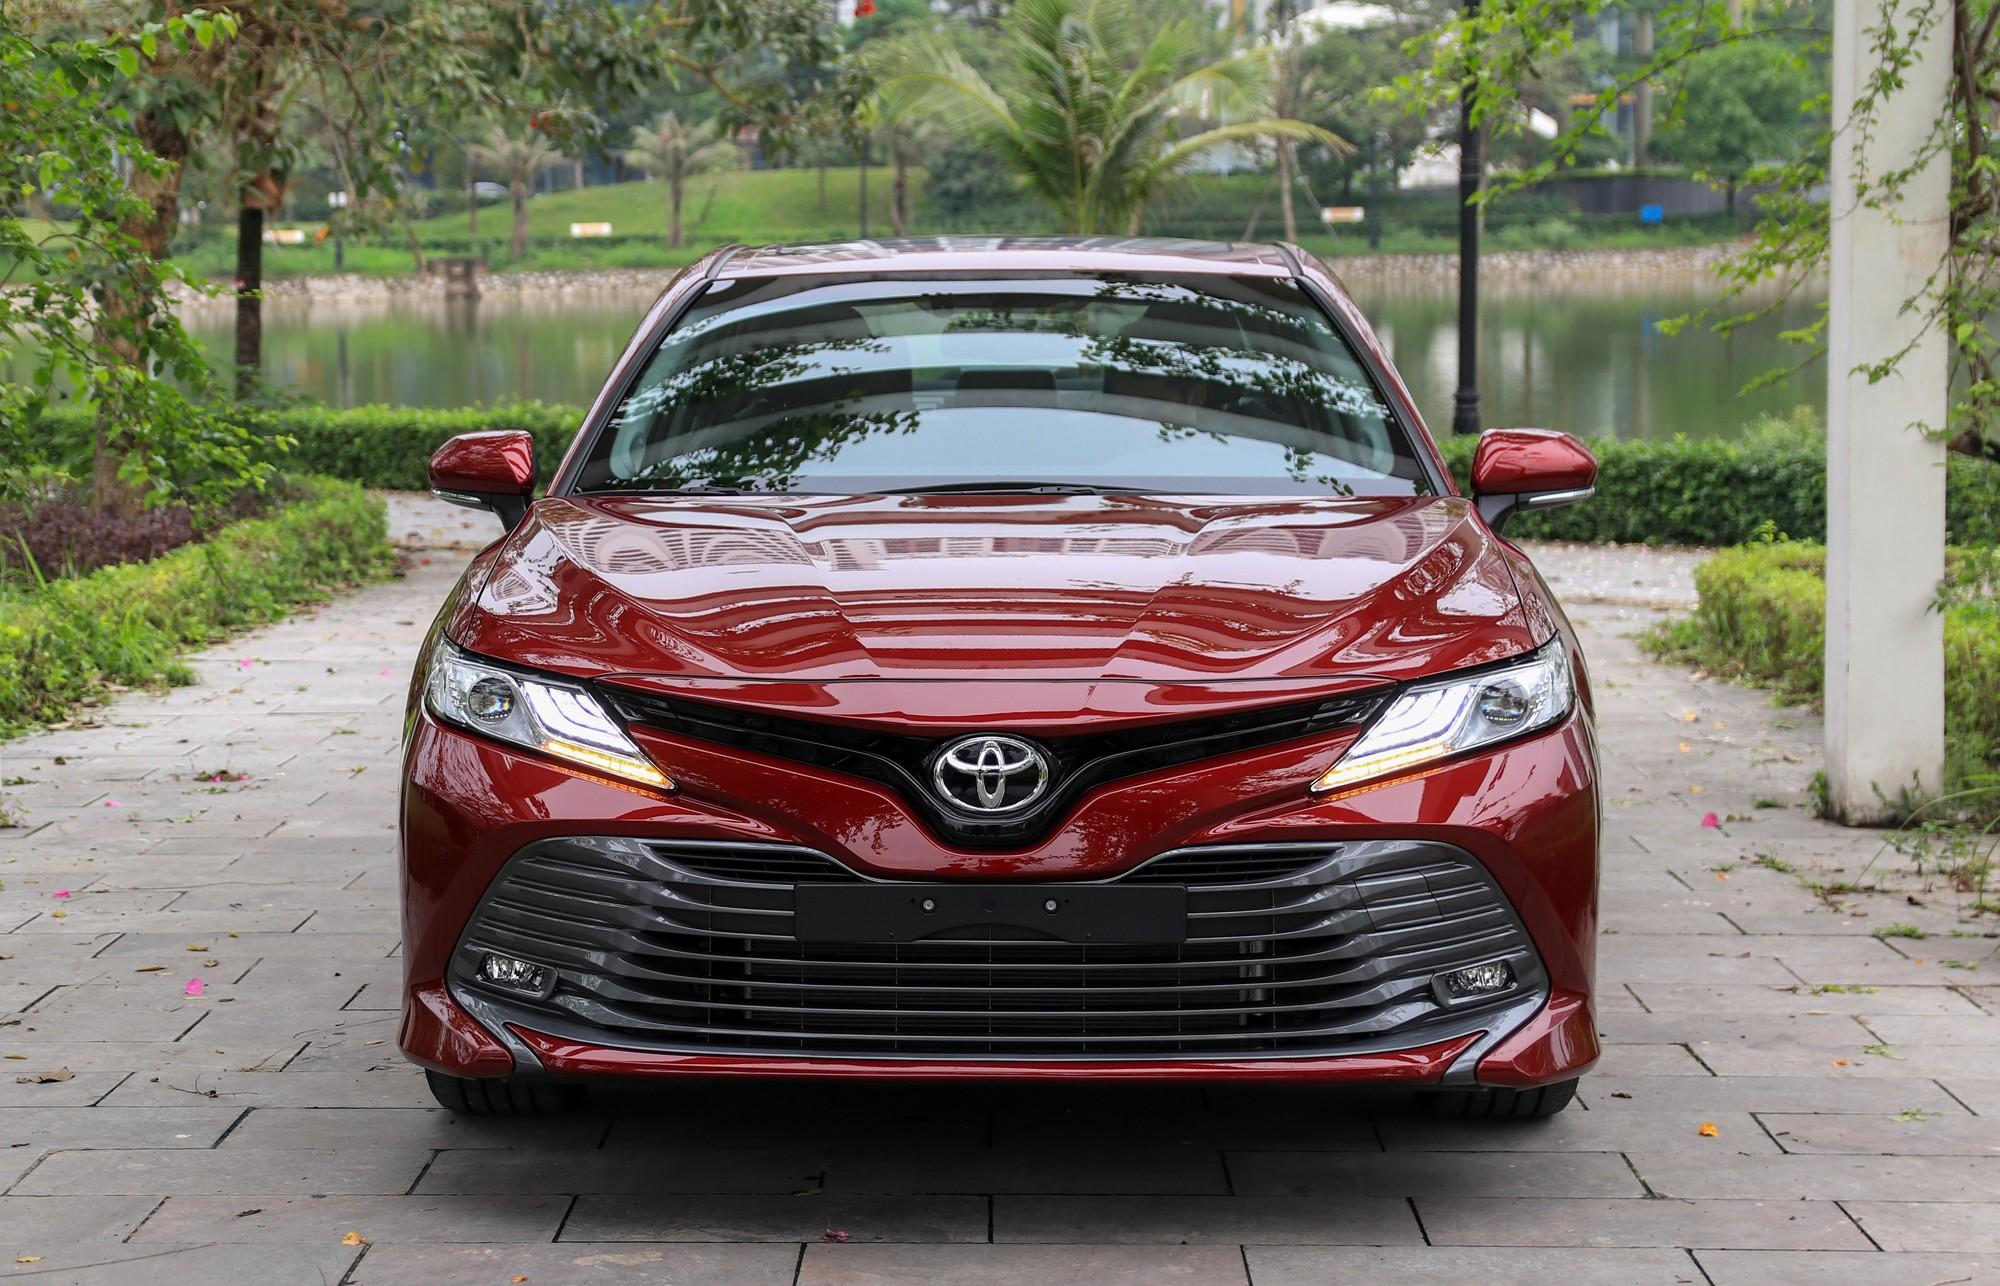 Mẹo lái xe Toyota Camry tiết kiệm xăng